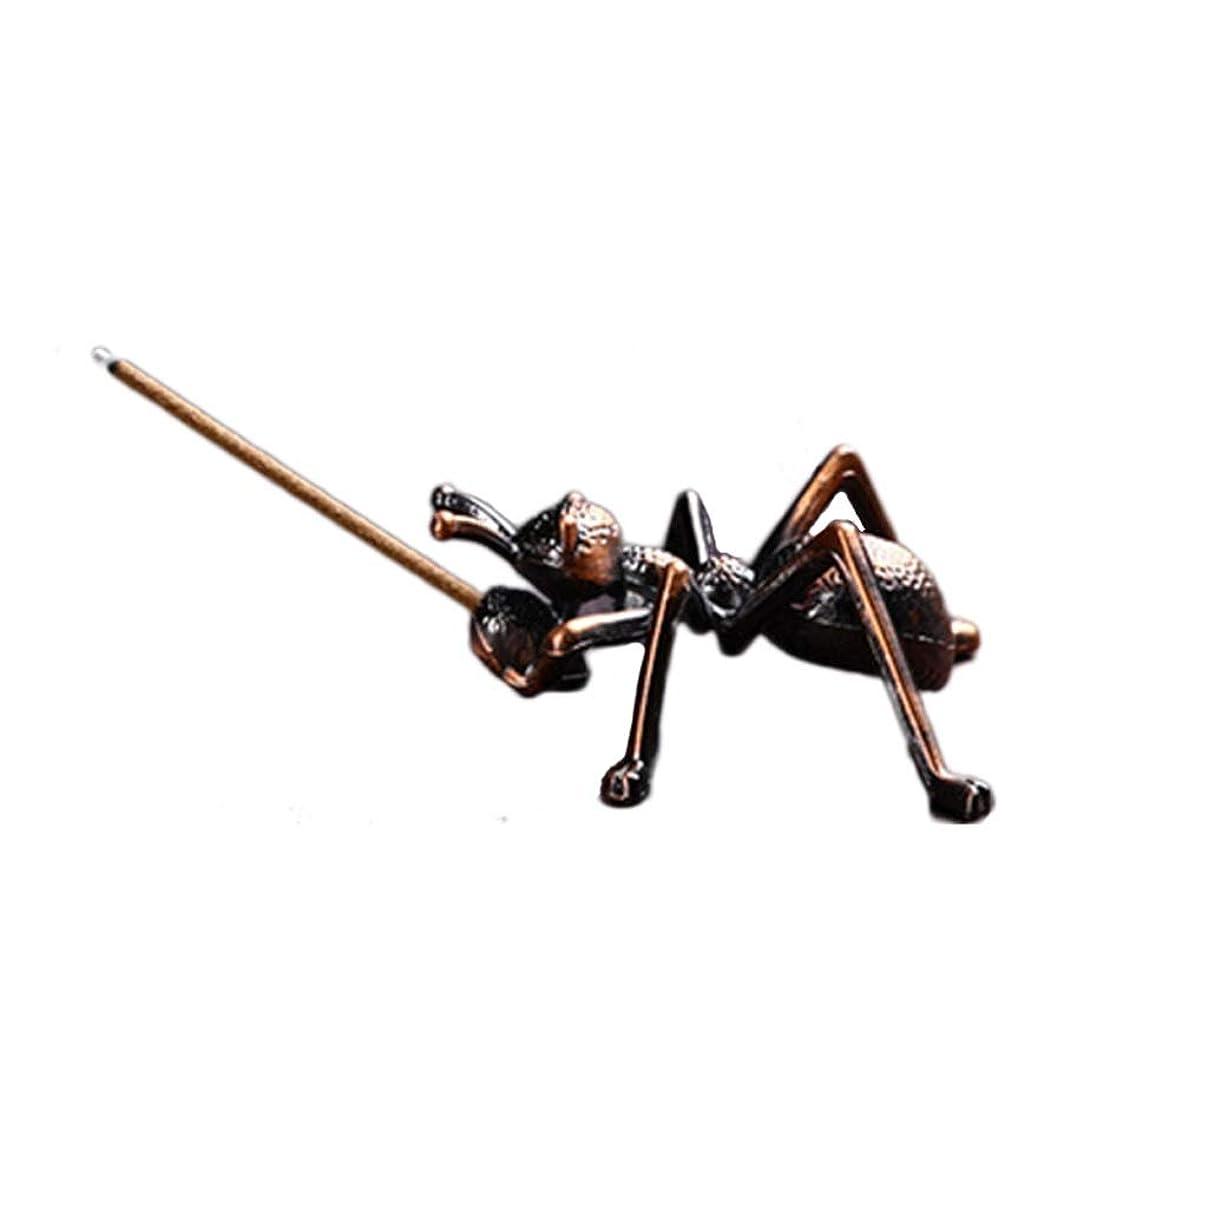 差別的エキス物語合金蟻香バーナーミニ線香ホルダー小さな香バーナーホルダーホームデコレーション香オイルバーナー (Color : Brown, サイズ : 1.96*0.86inchs)